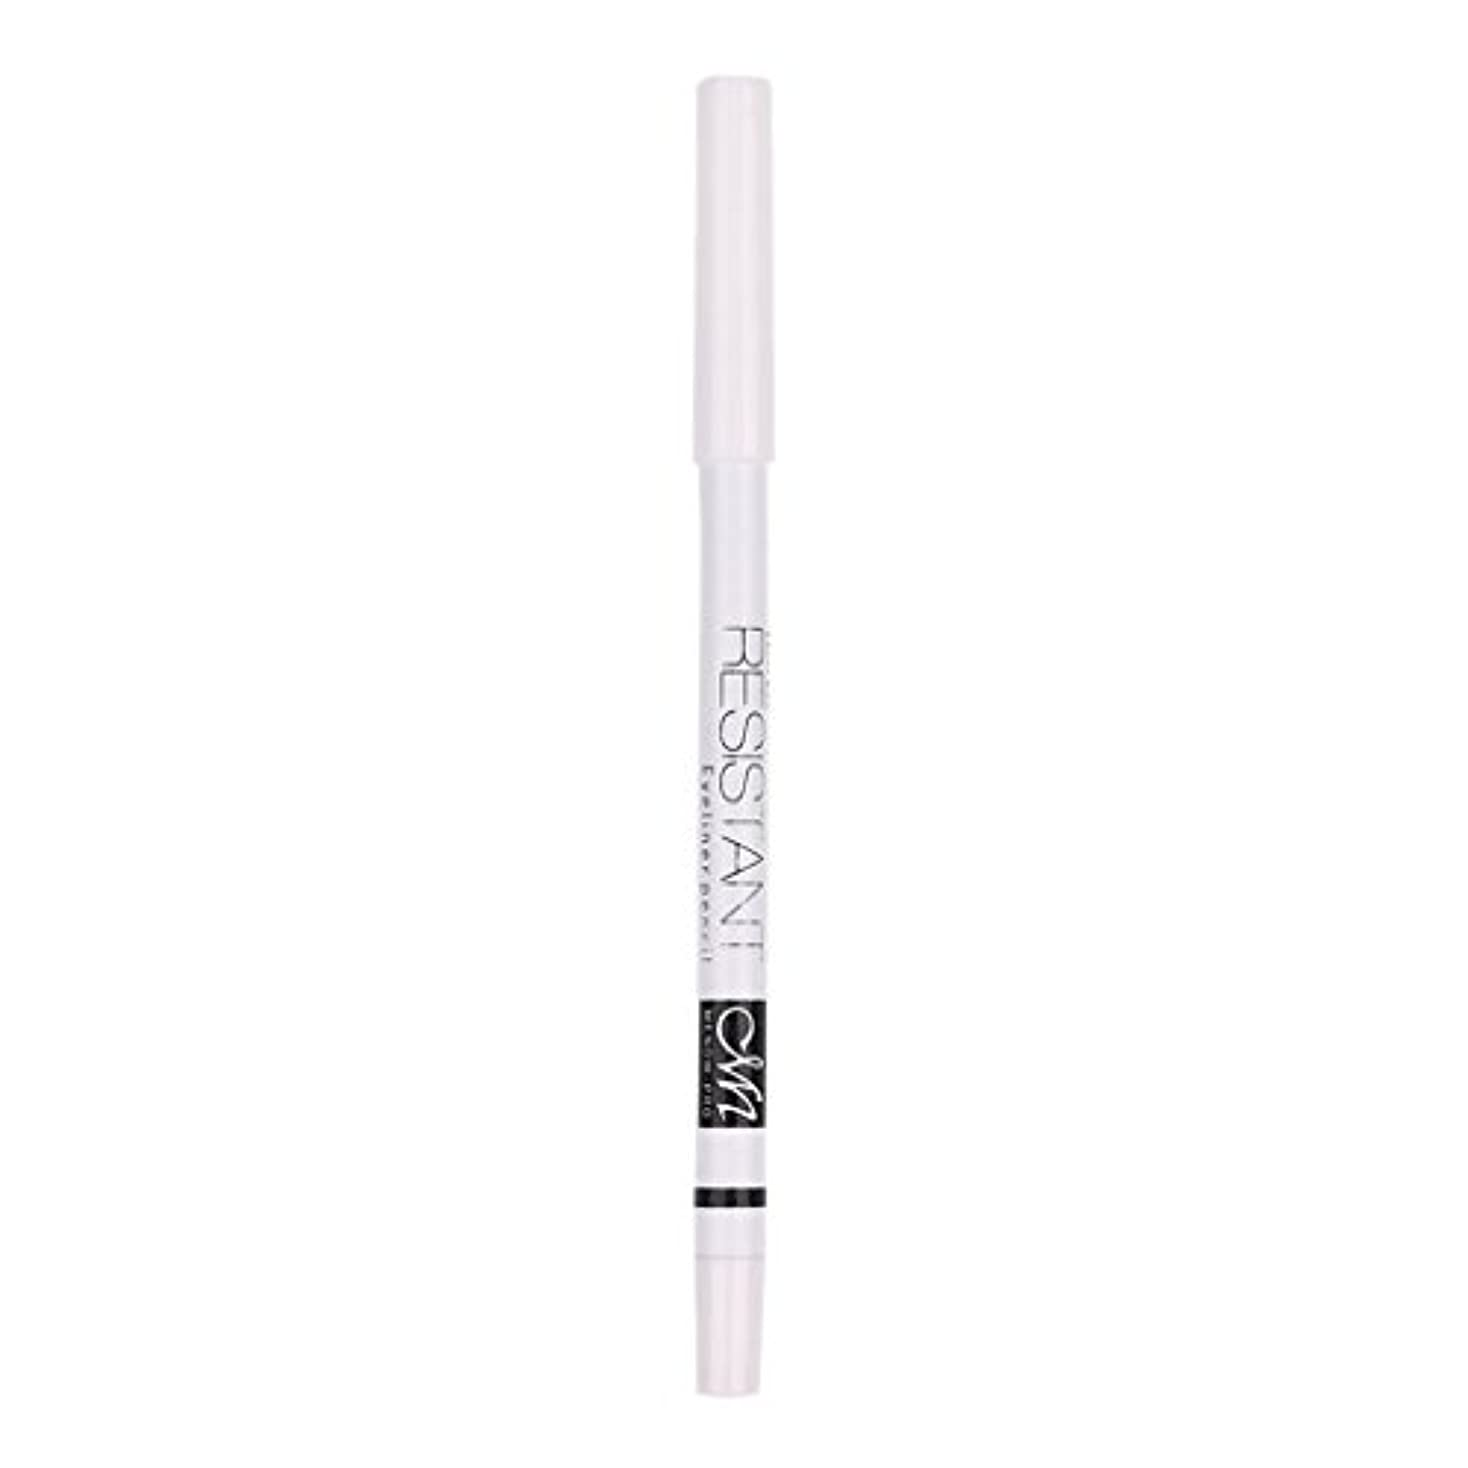 レオナルドダ選ぶジャンクション美しい ハイライトスティック 粉 クリームペン 防水 顔 基礎 メイクアップ スティック ファッション おしゃれ